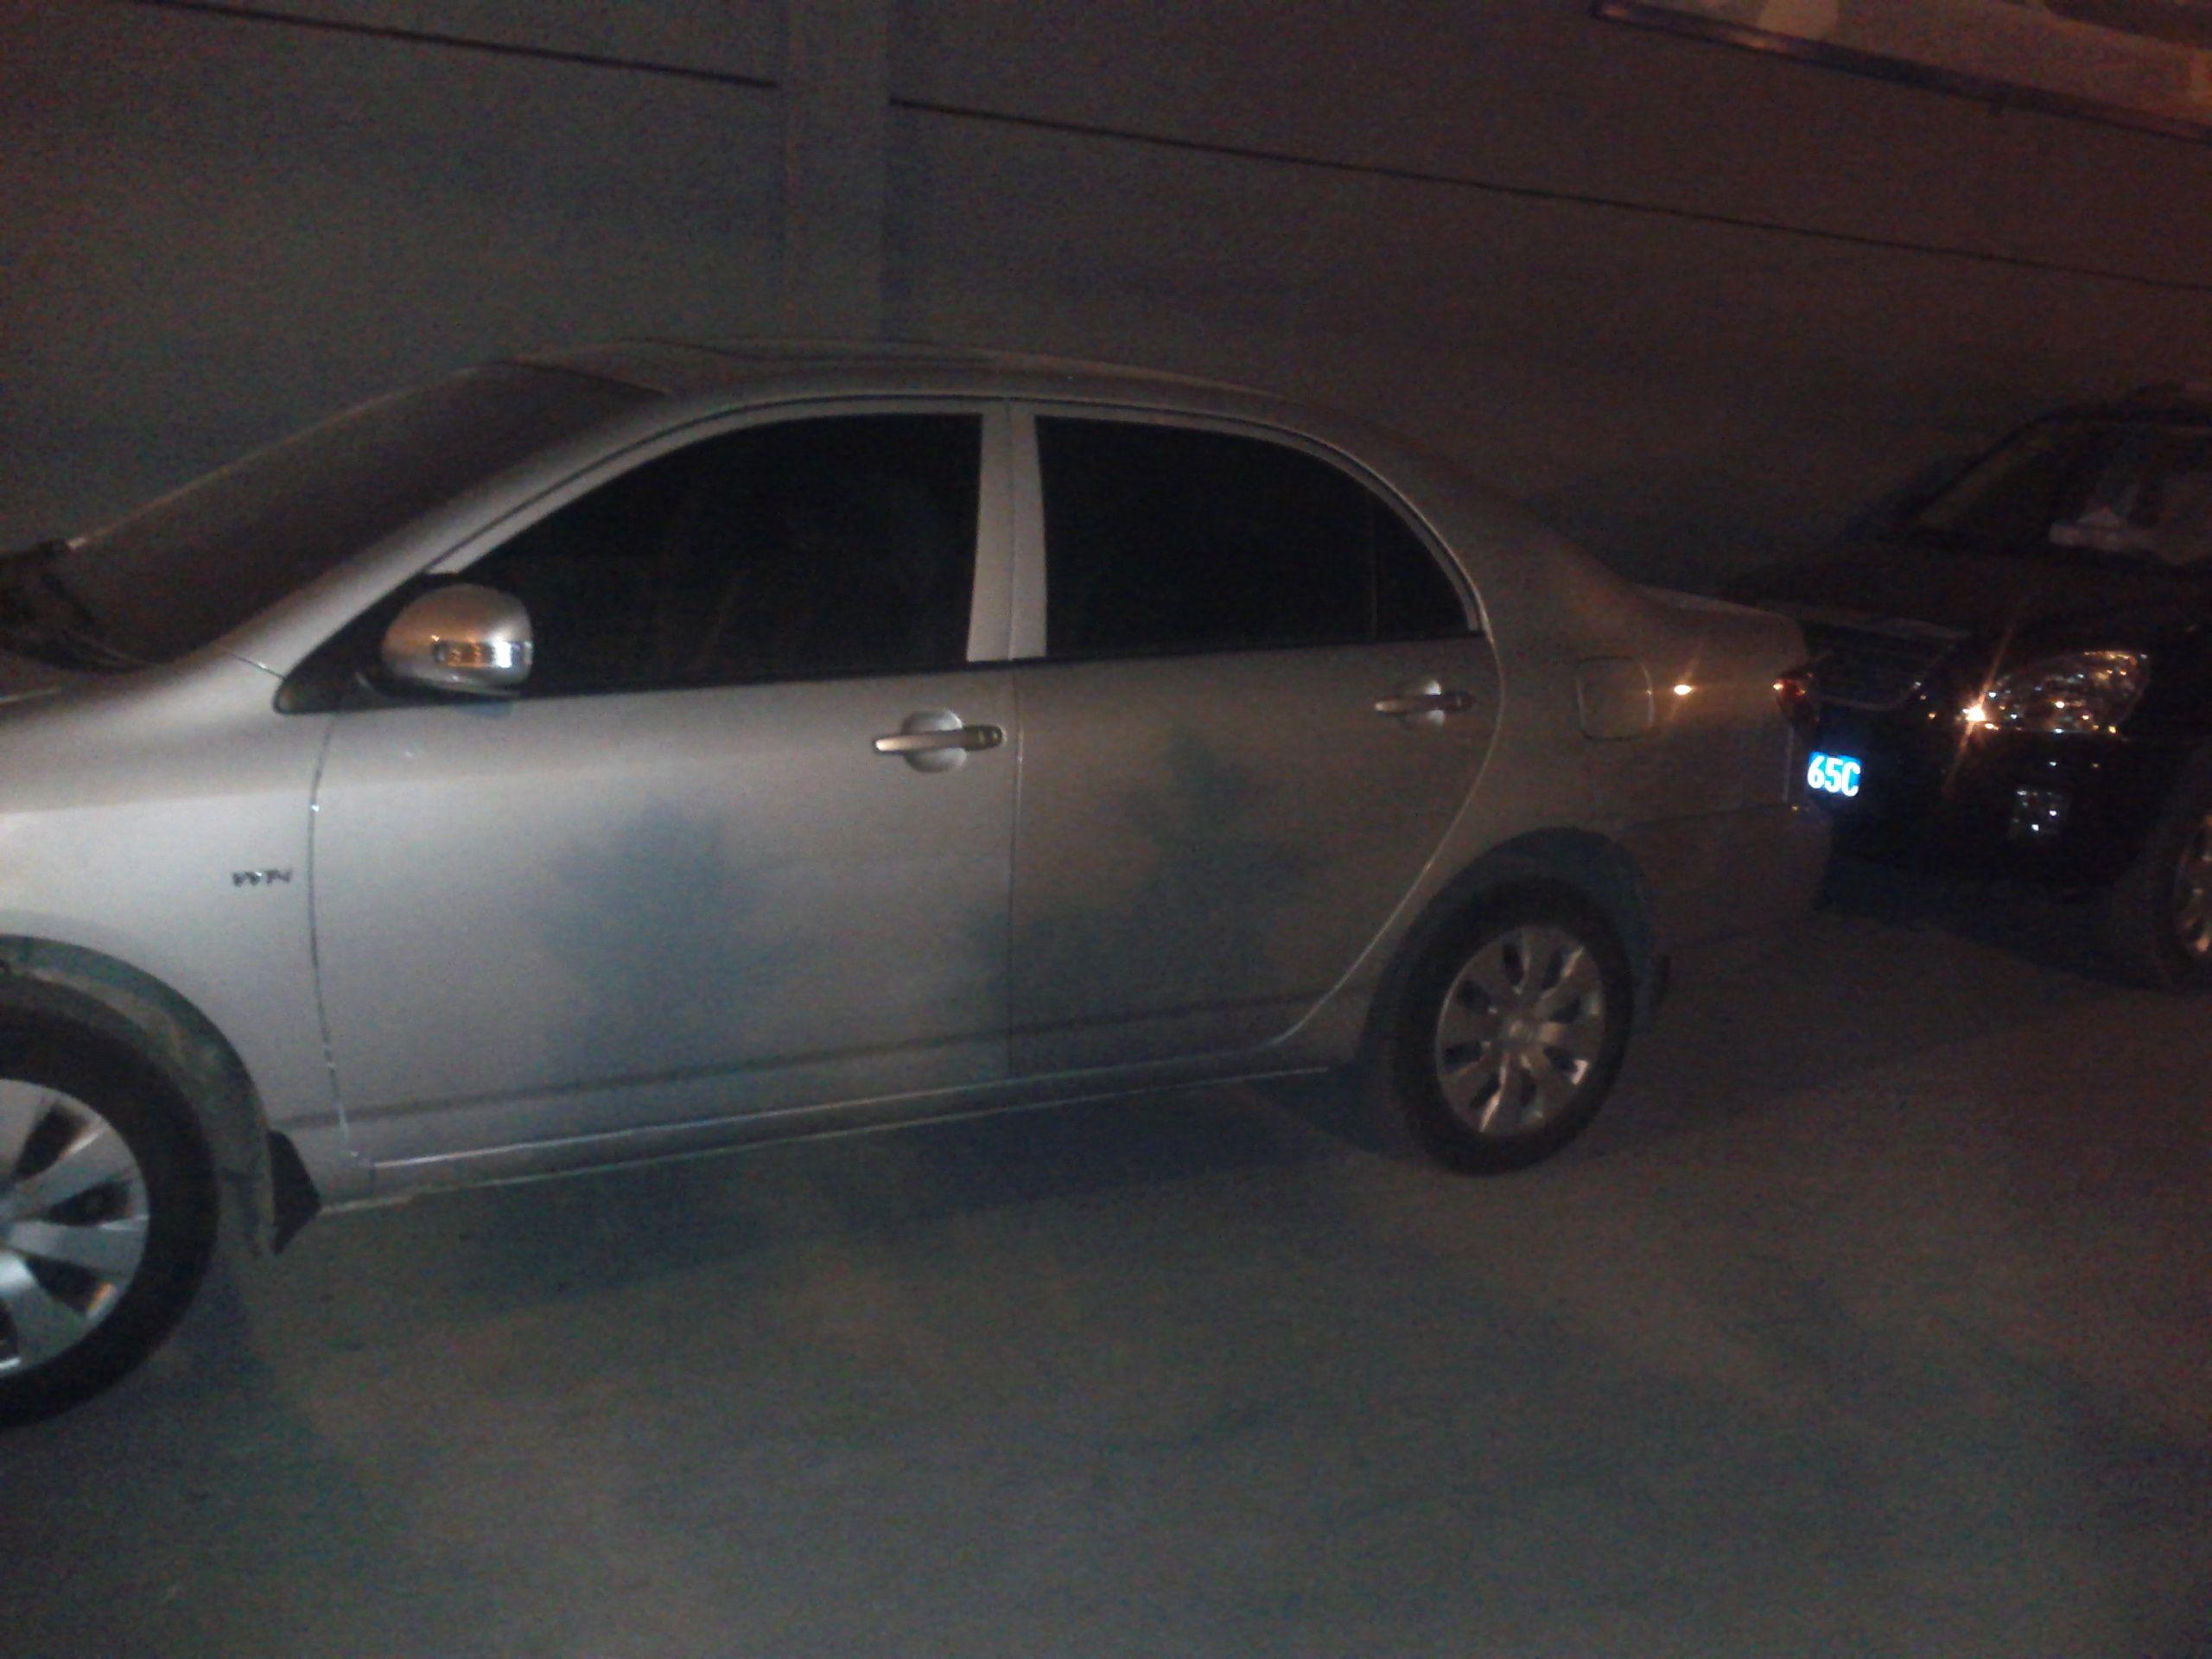 白银丰田车门喷漆白天稍有色差 有时在阴暗的地方比如墙角高清图片